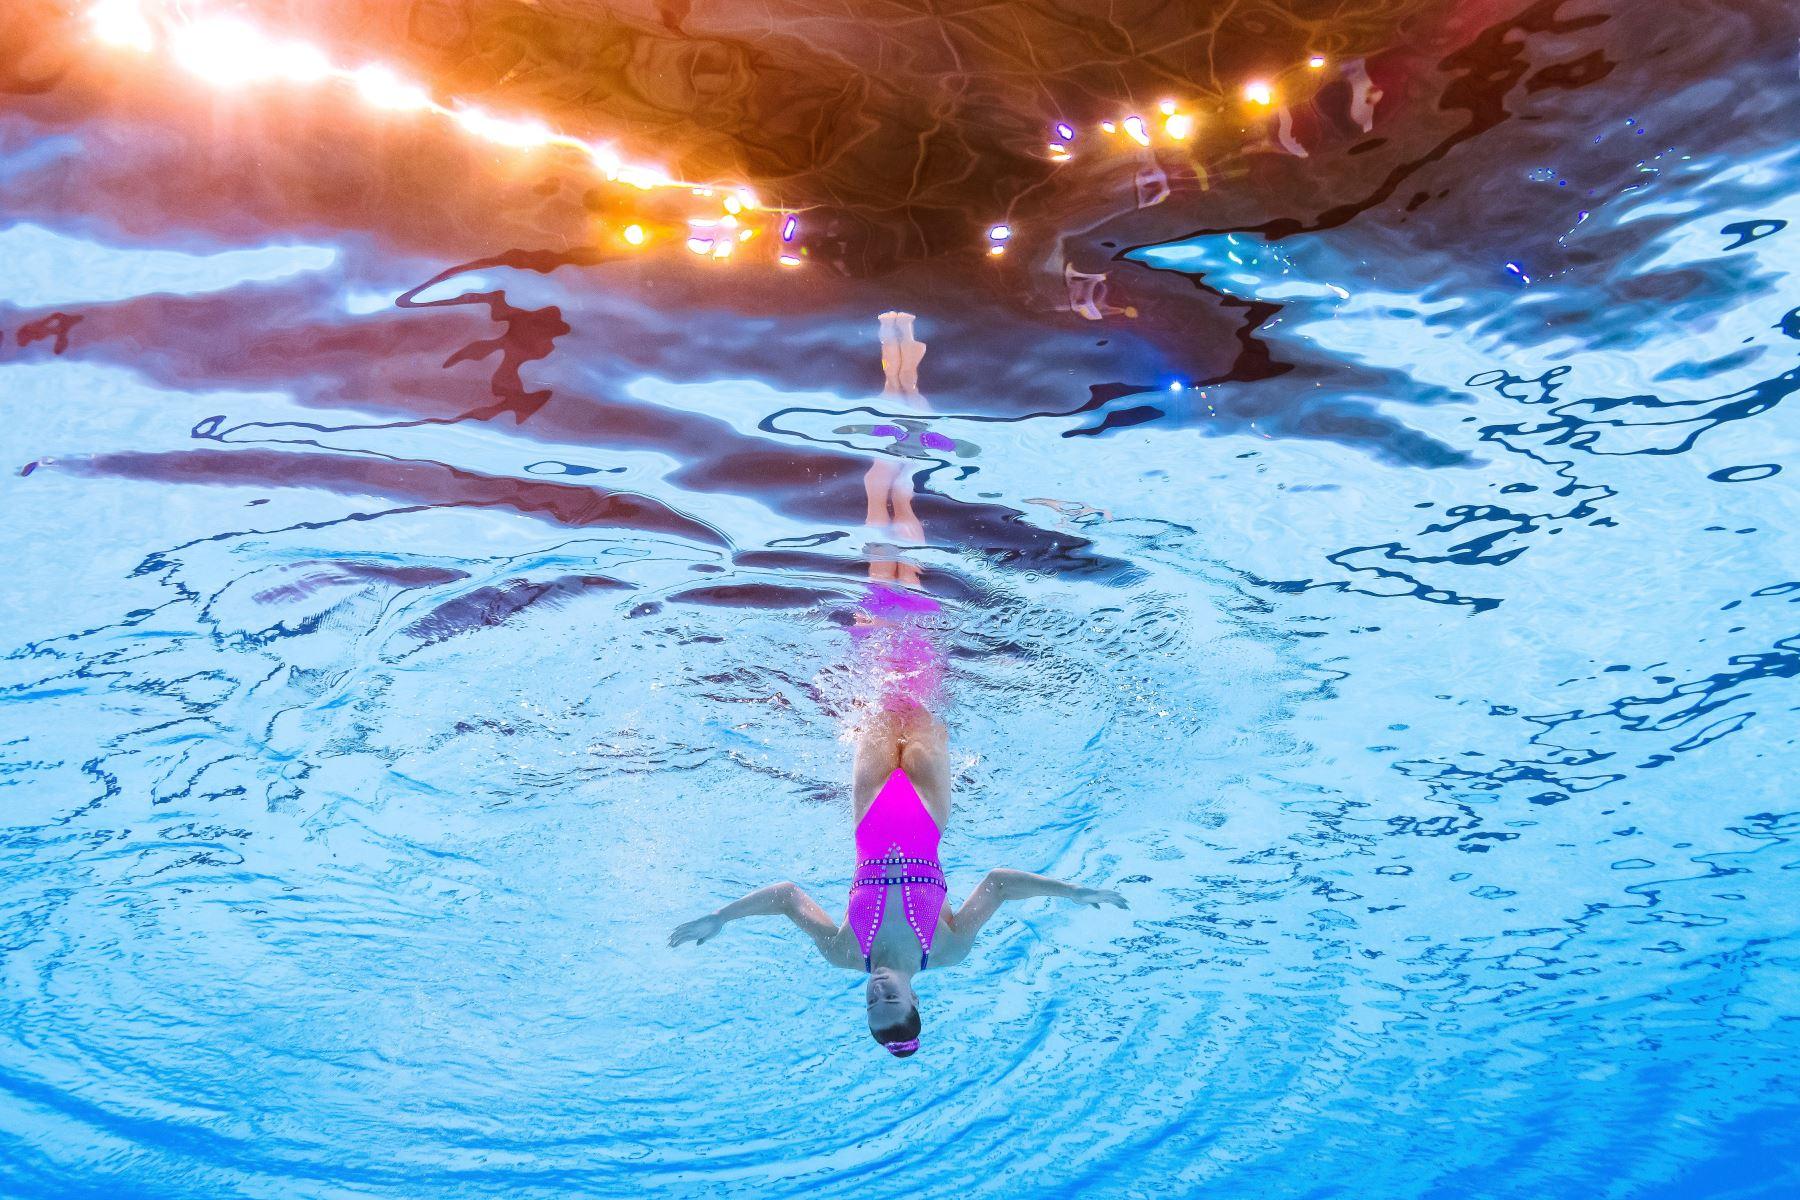 Kate Shortman de Inglaterra compite en el evento de natación artística durante el campeonato mundial 2019 en Corea del Sur. Foto: AFP